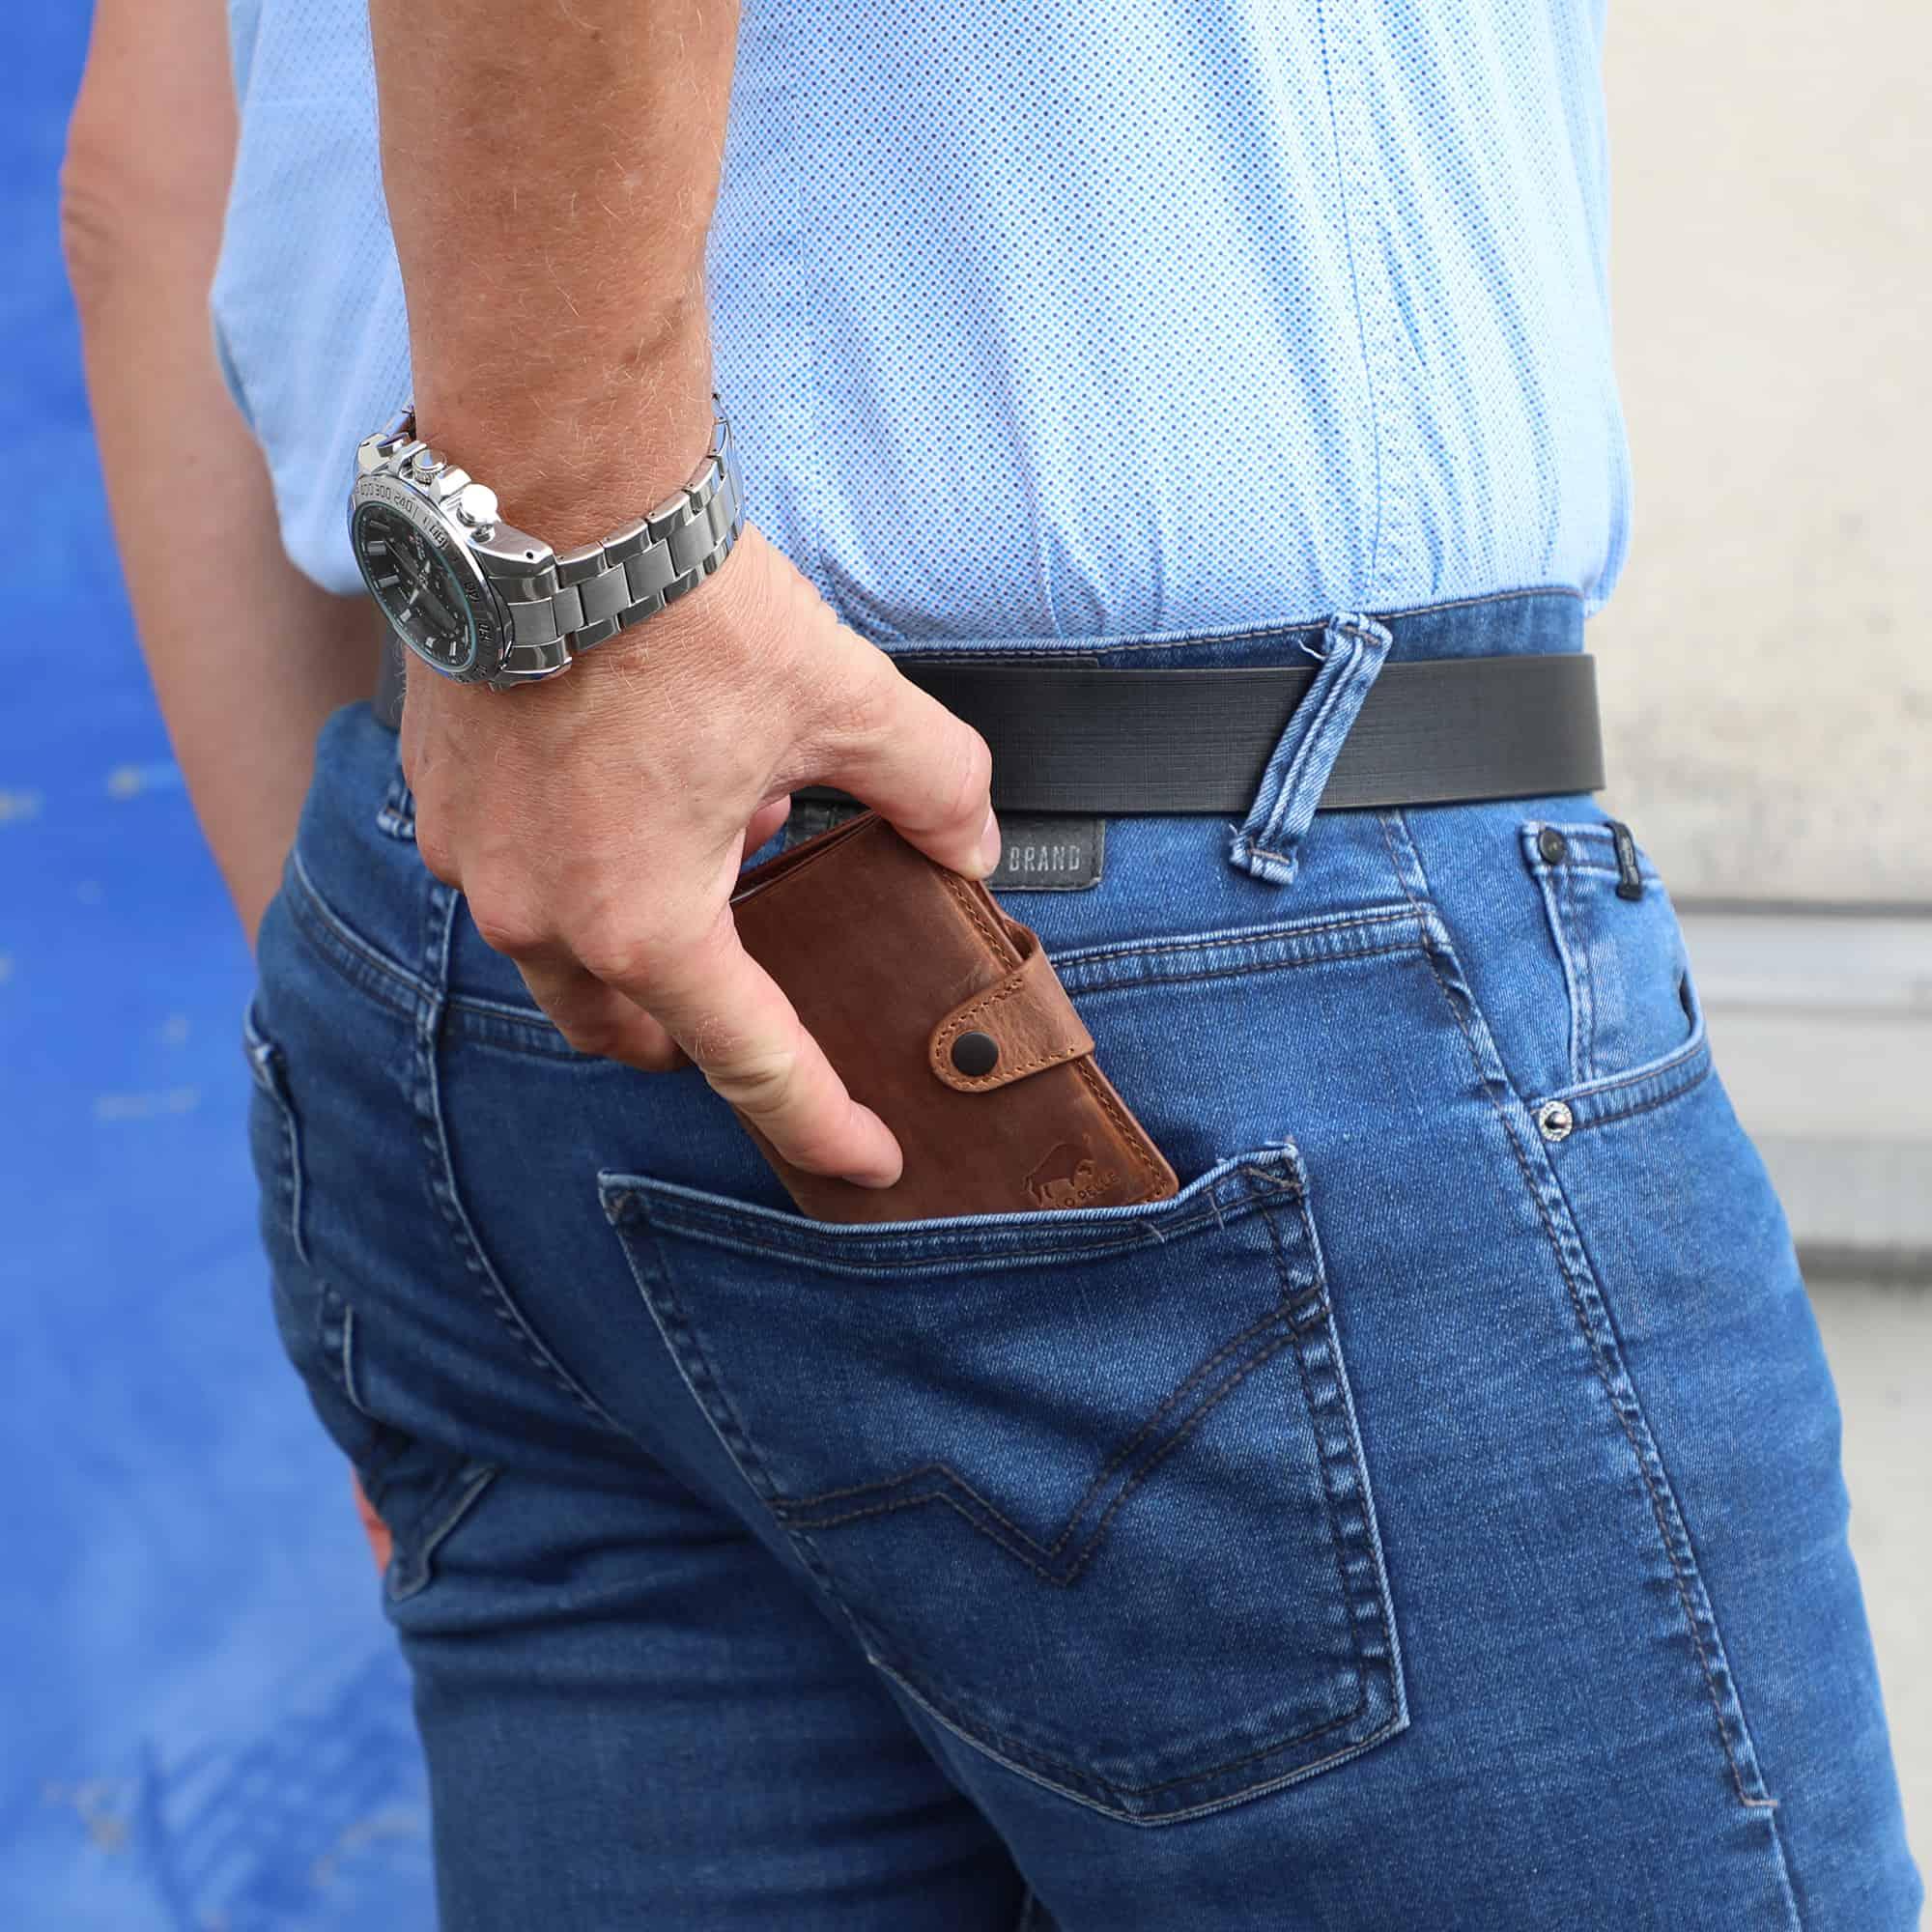 Solo Pelle Leder Geldbörse Q-Wallet mit integriertem Kartenetui für 15 Karten + Geldscheine geeignet | Kreditkartenetui mit RFID (Vintage Braun + abnehmbares Kartenetui)